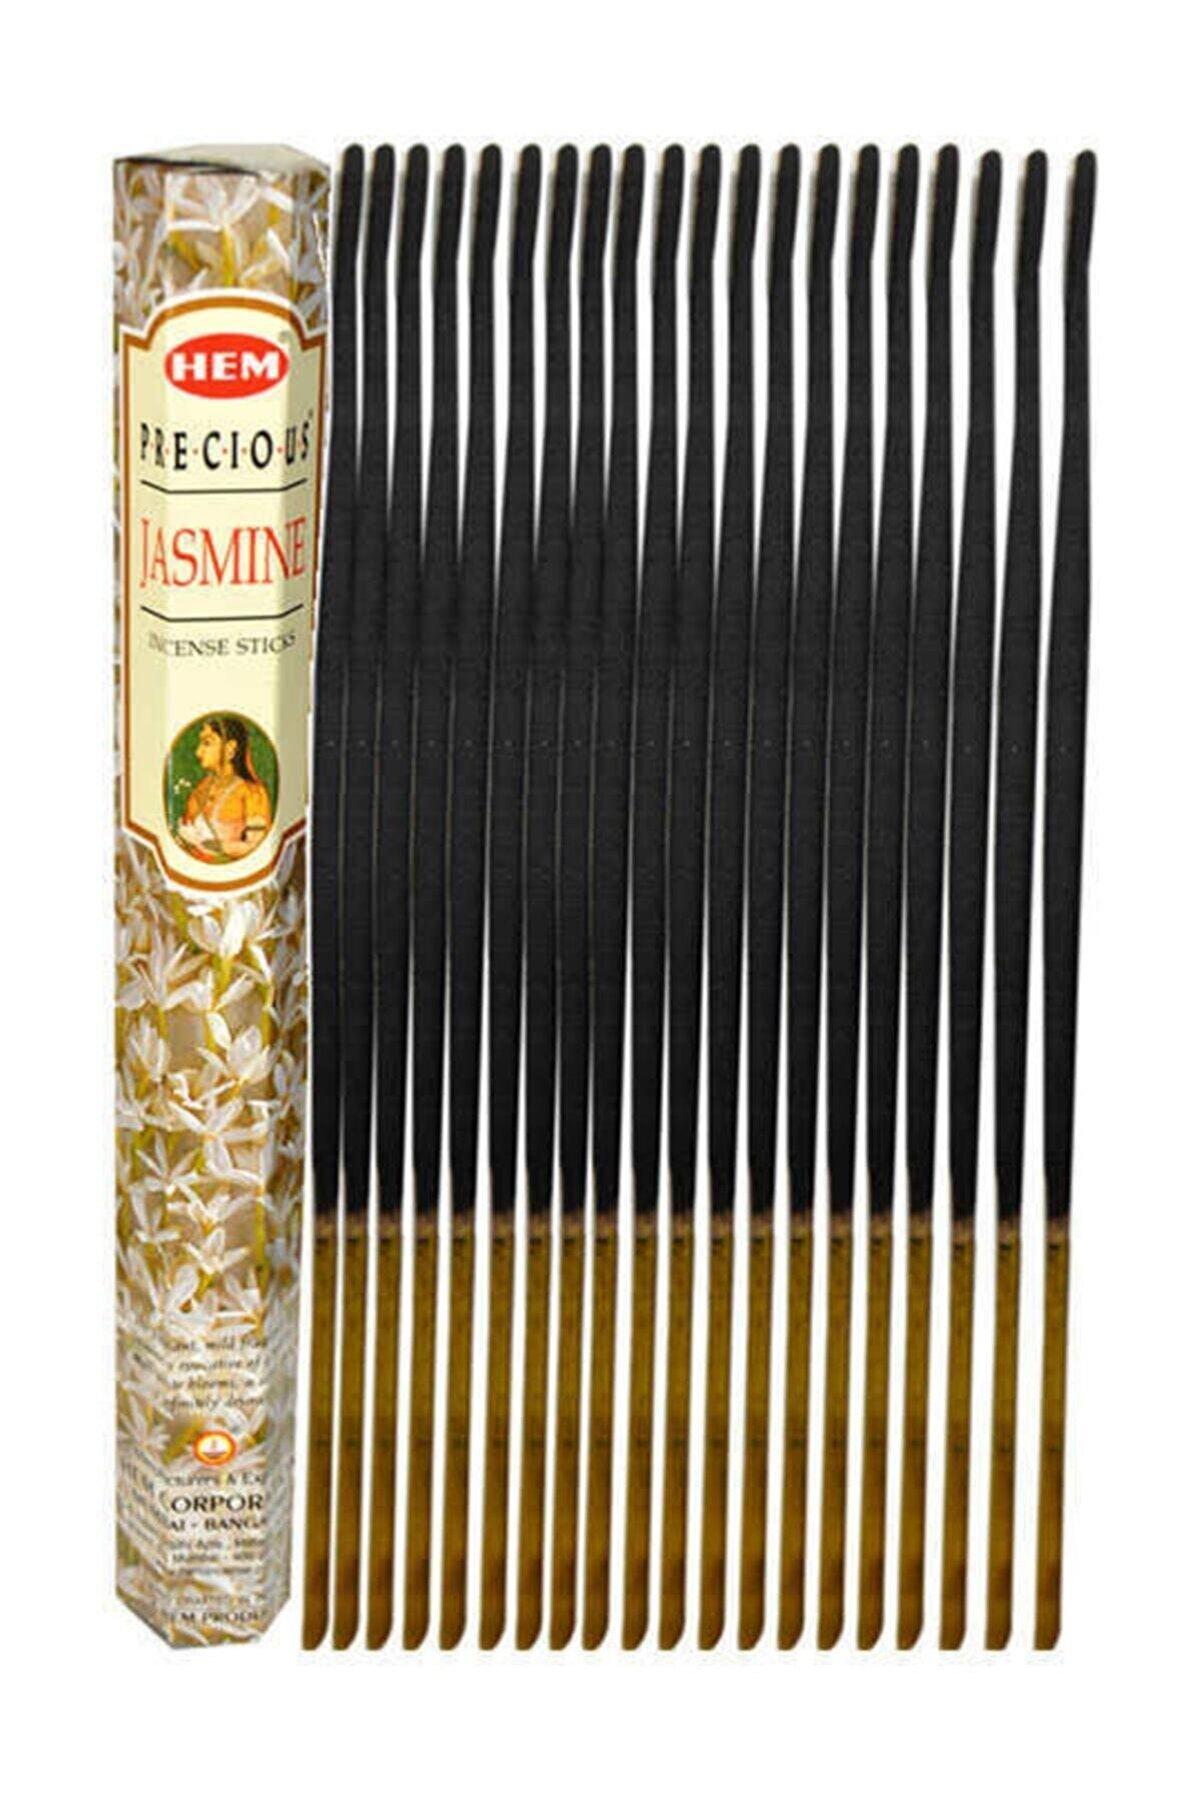 Hem Tütsü Jasmine Yasemin Kokulu 1 Paket 20 Çubuk Tütsü